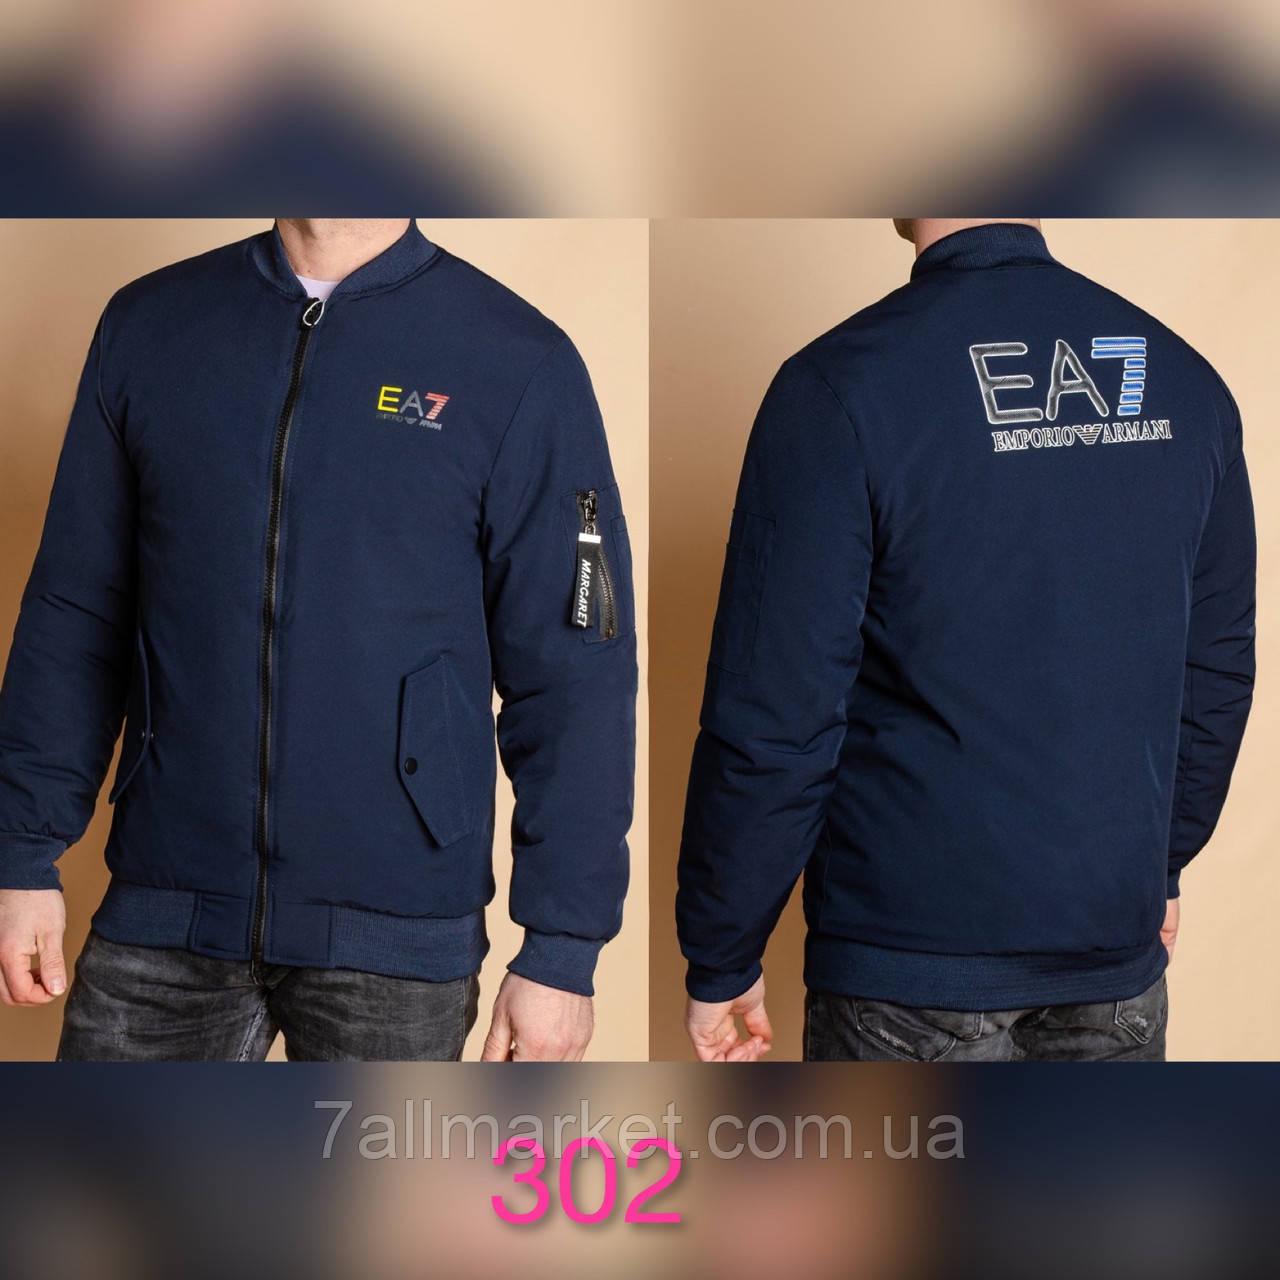 """Куртка-бомбер чоловіча демісезонна, розміри 48-56 (3ол) """"SPRING"""" недорого від прямого постачальника"""